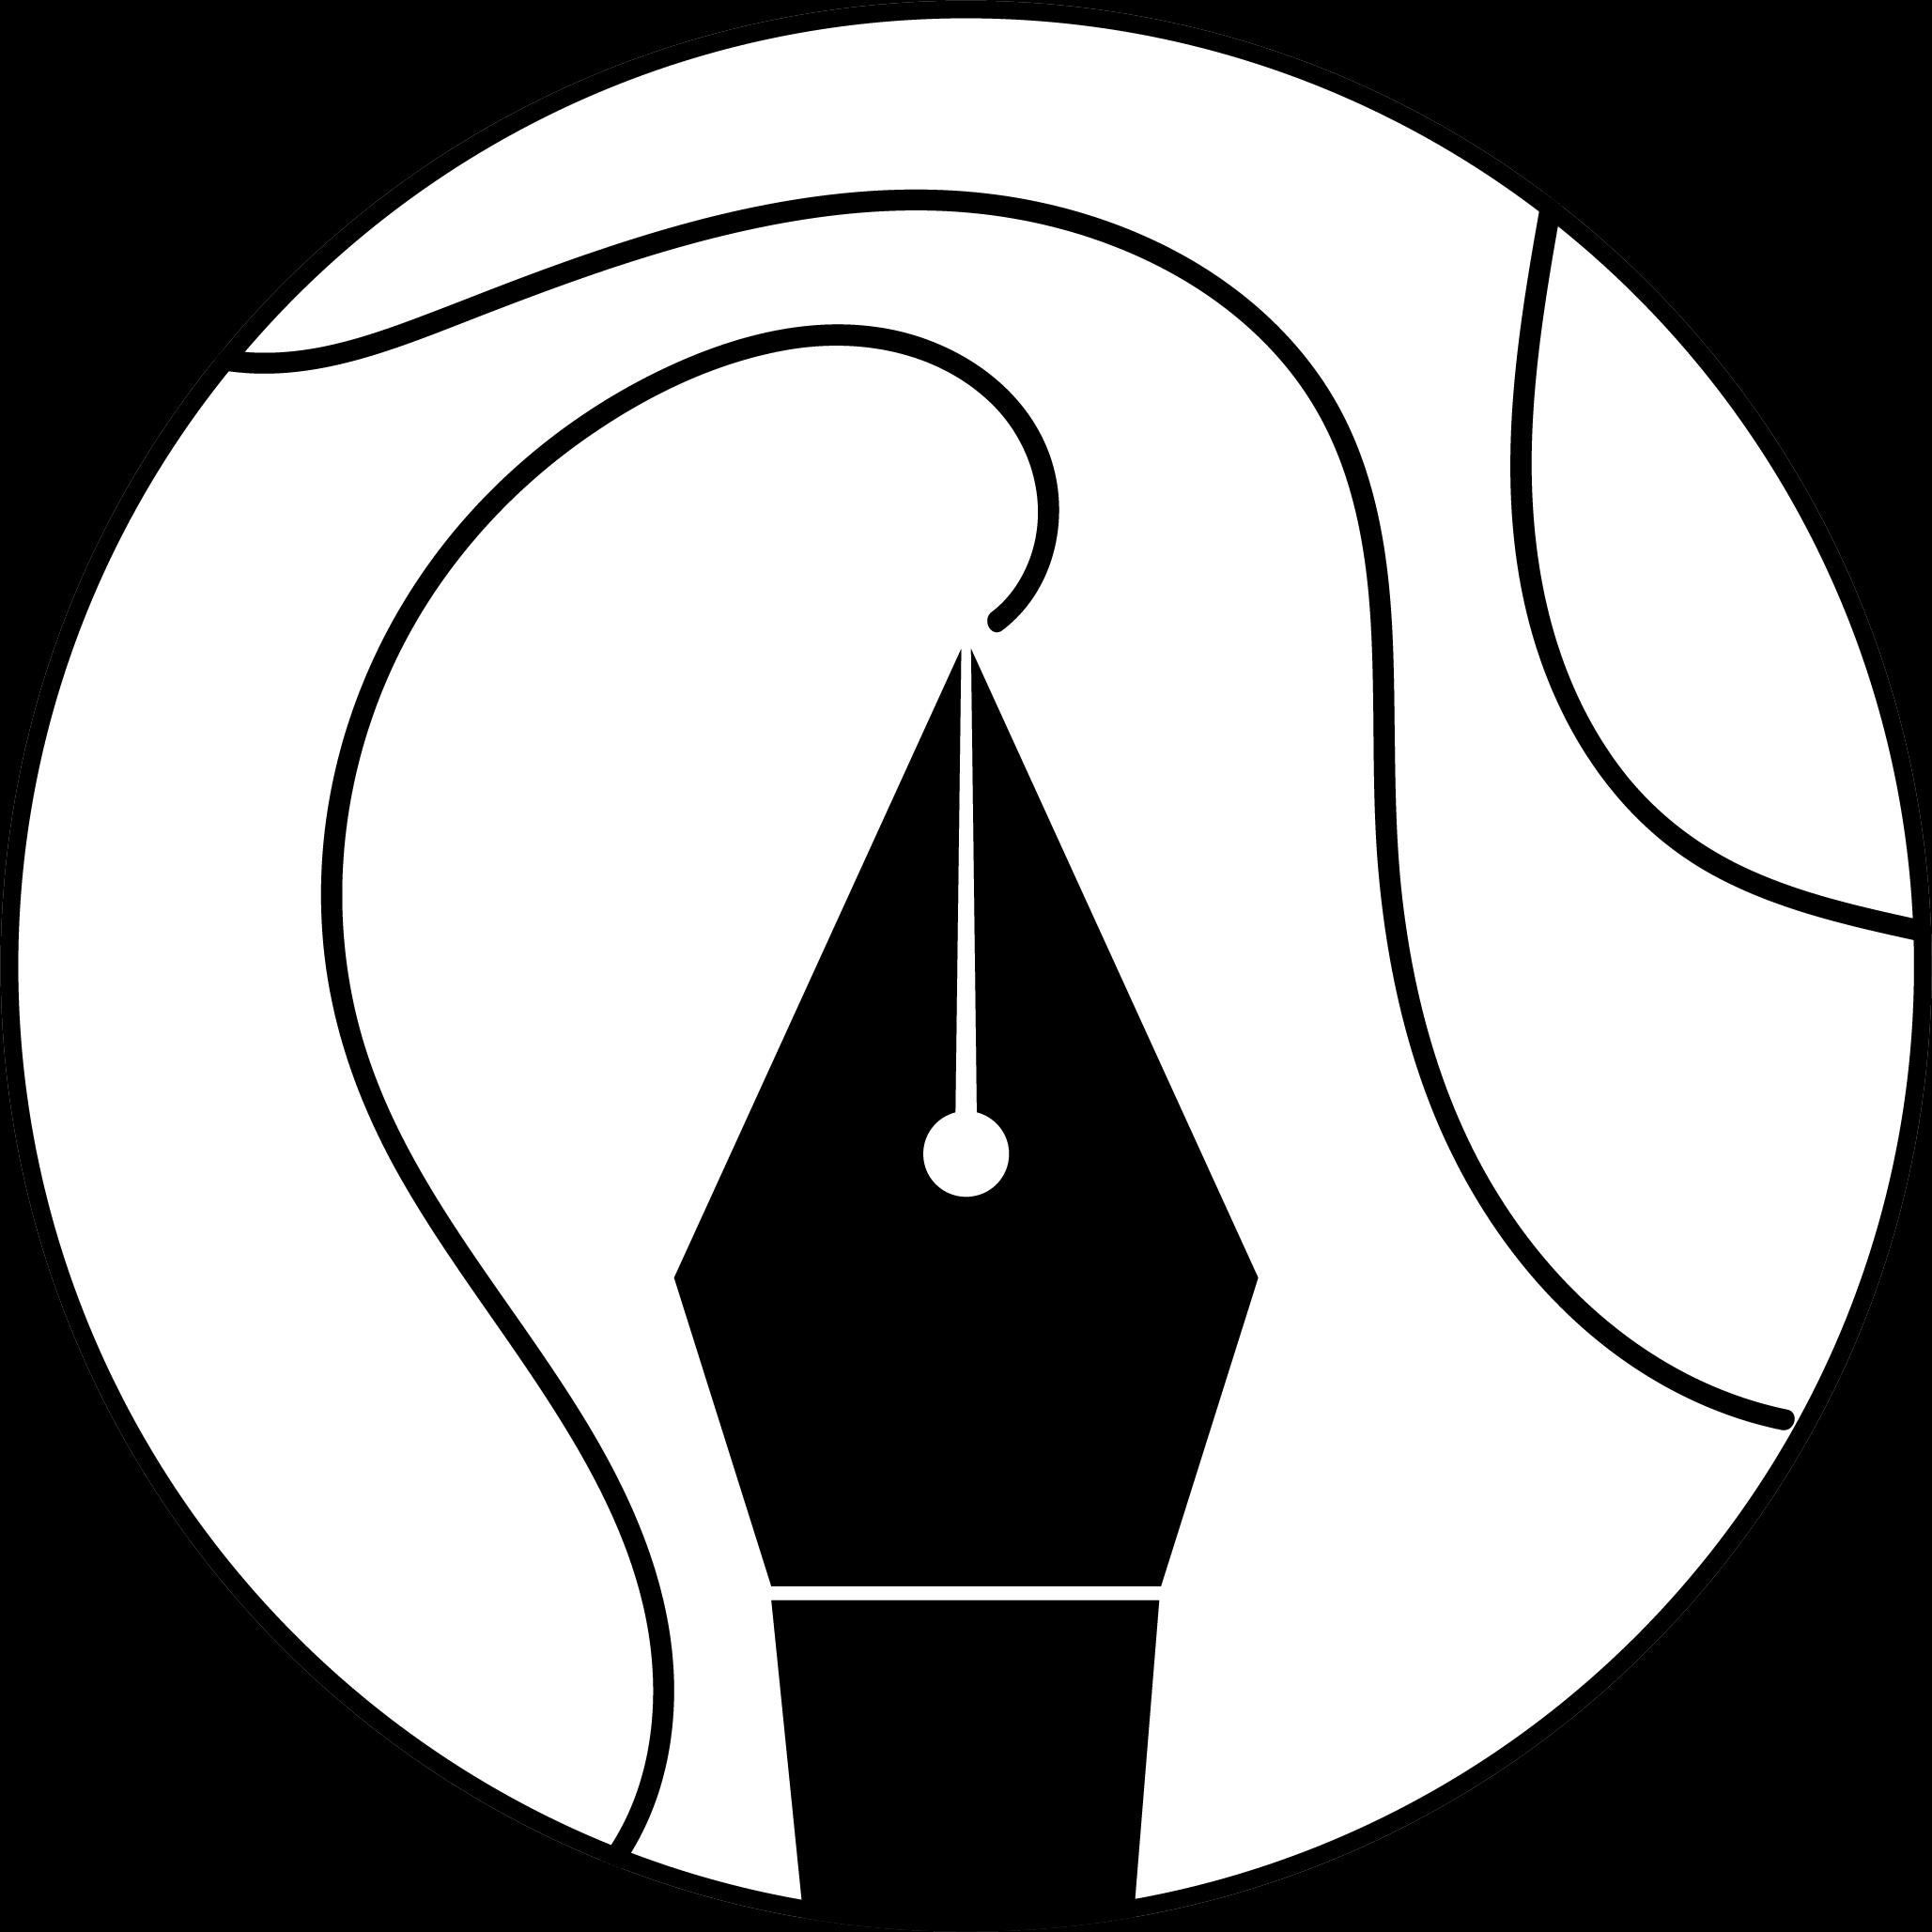 Logo-design-percorso-progettazione-identità-visiva-by-Laura-Calascibetta-graphic-designer